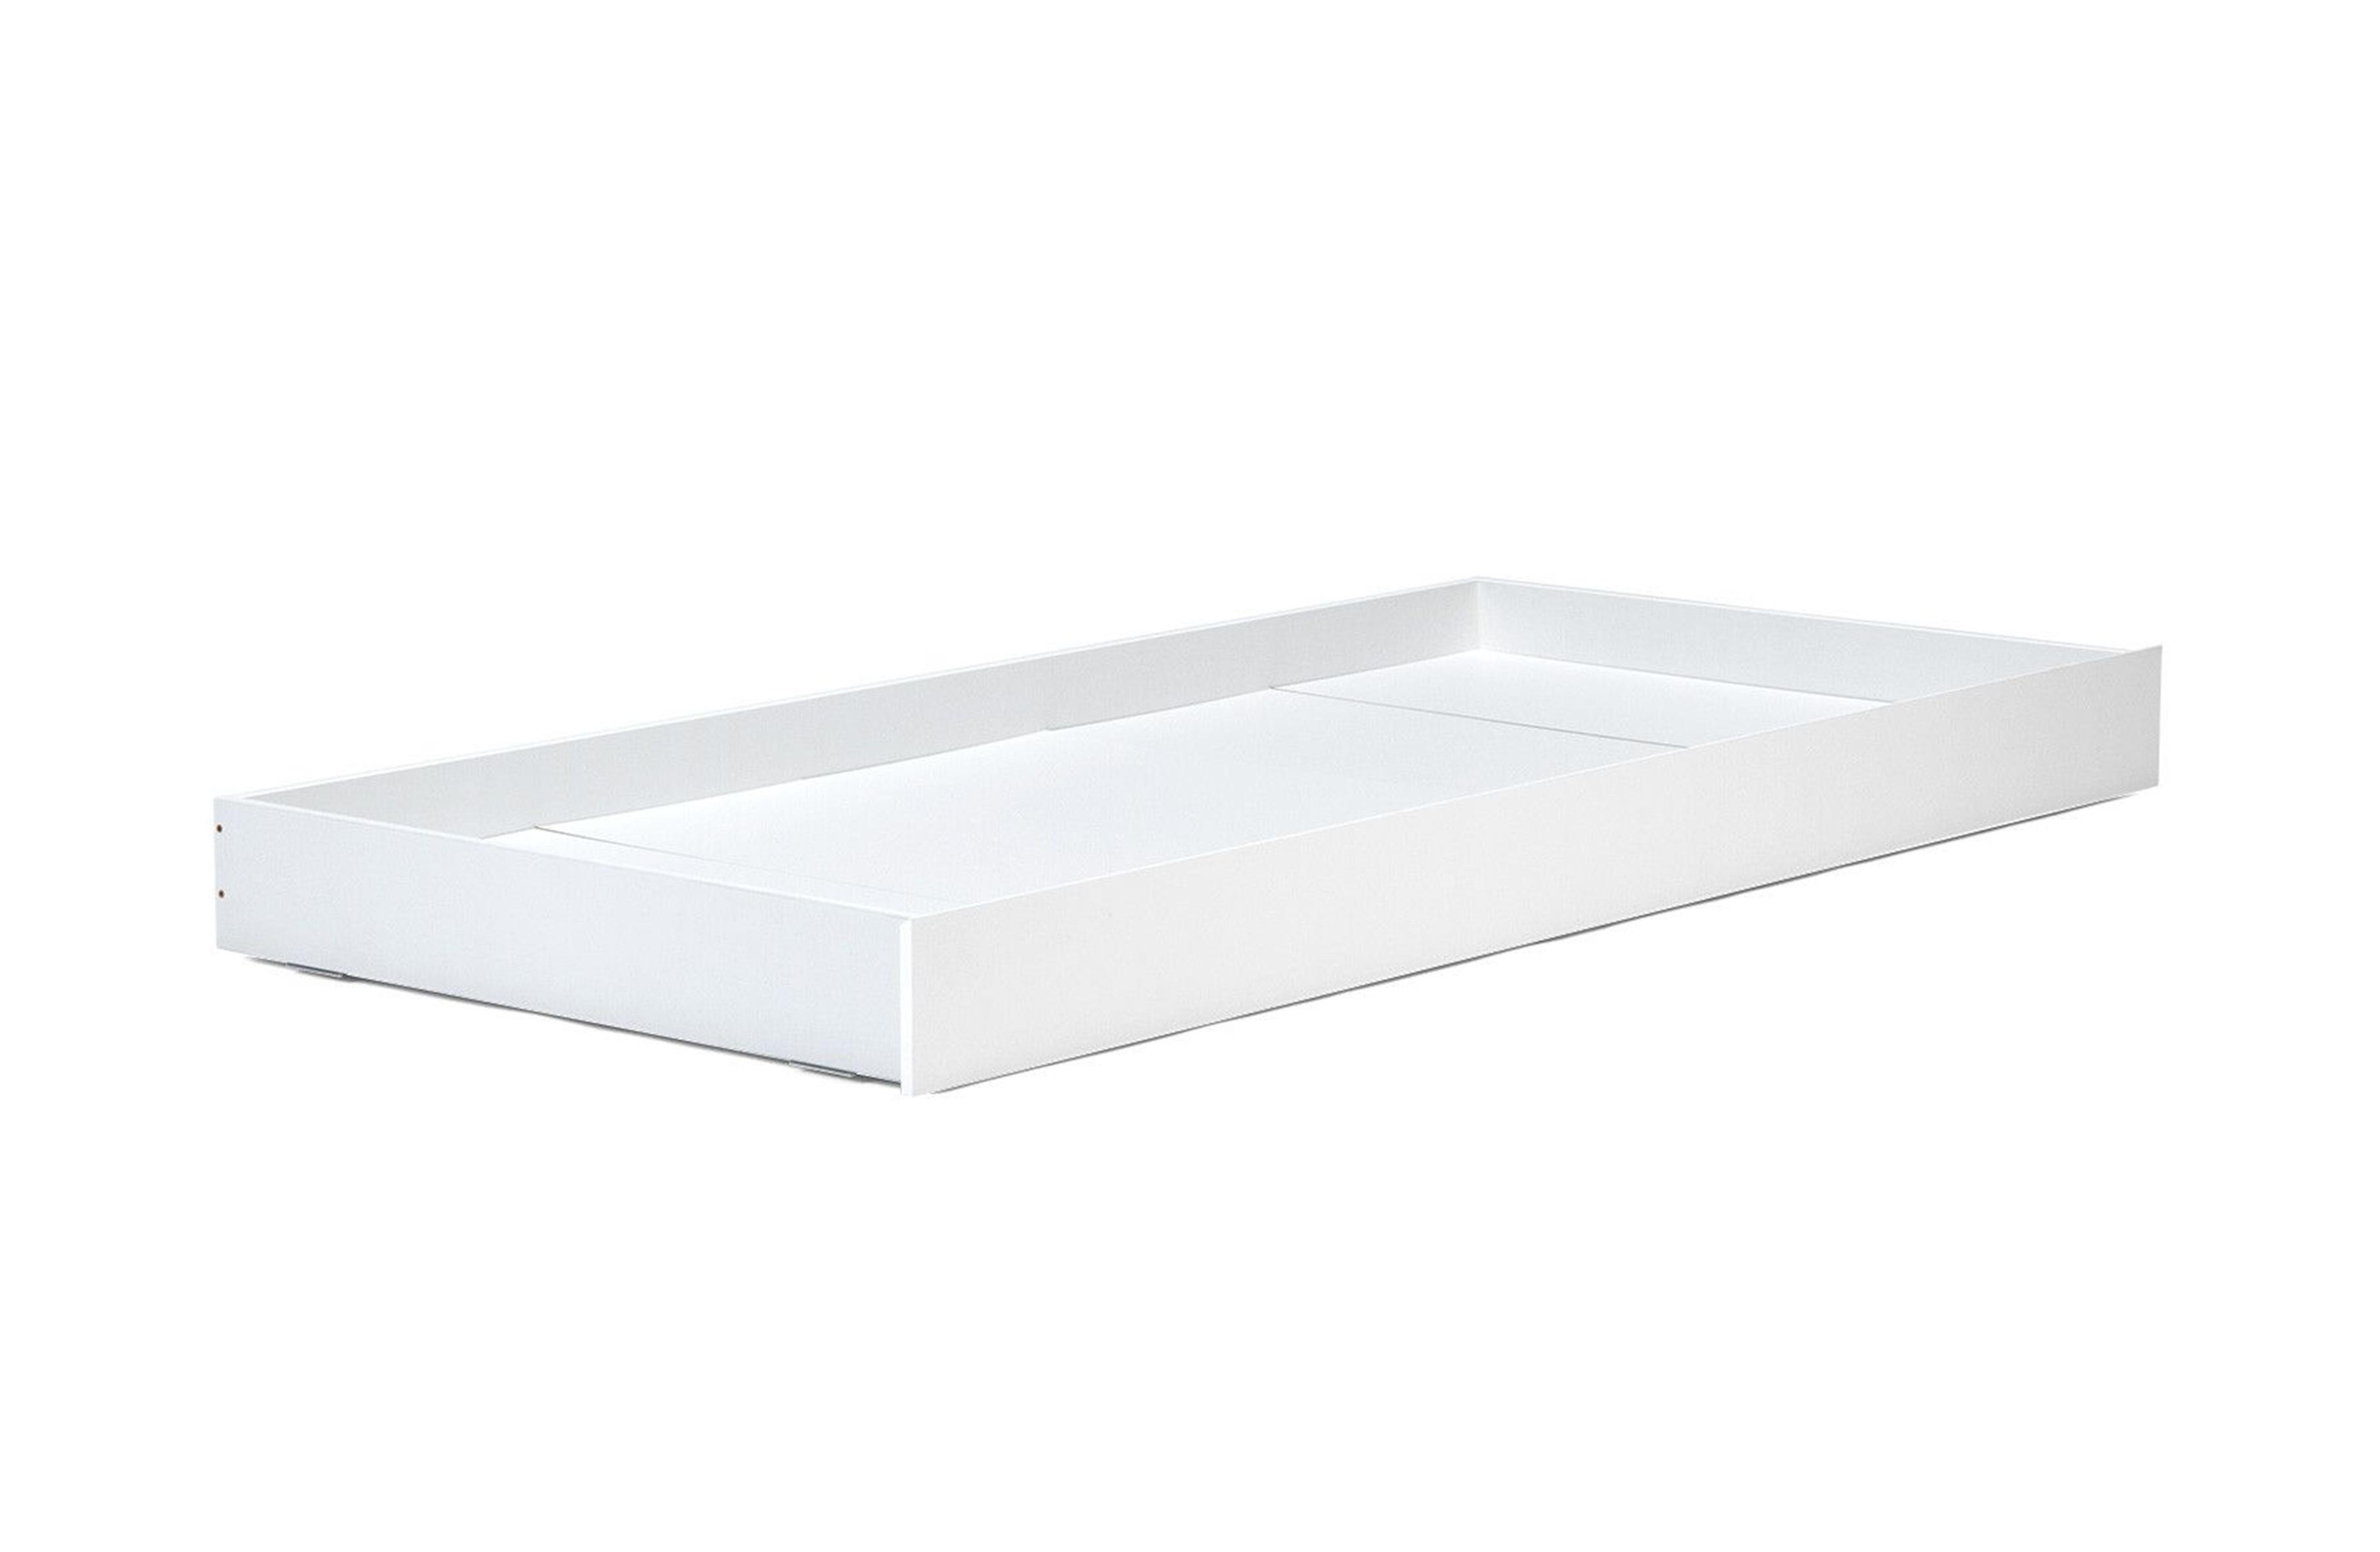 Tipi Bett 90x200 Mit Lattenboden Betten Kinder De Eekhoorn